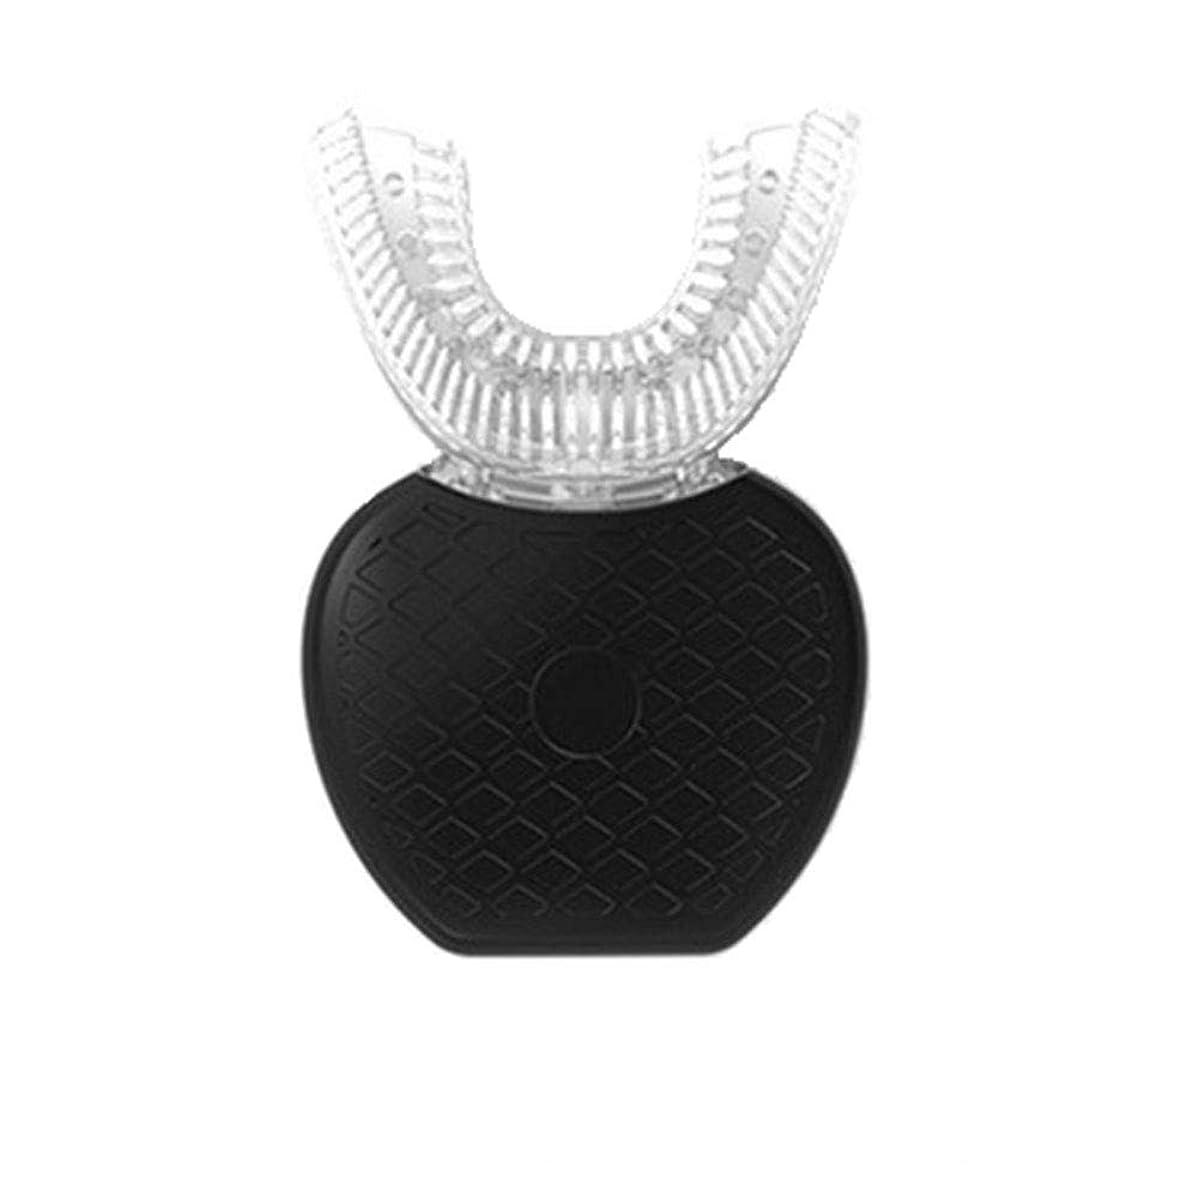 に対応する泥棒近傍自動電気歯ブラシシリカゲル超音波歯ブラシ、360°U型大人の特別な冷光,Black